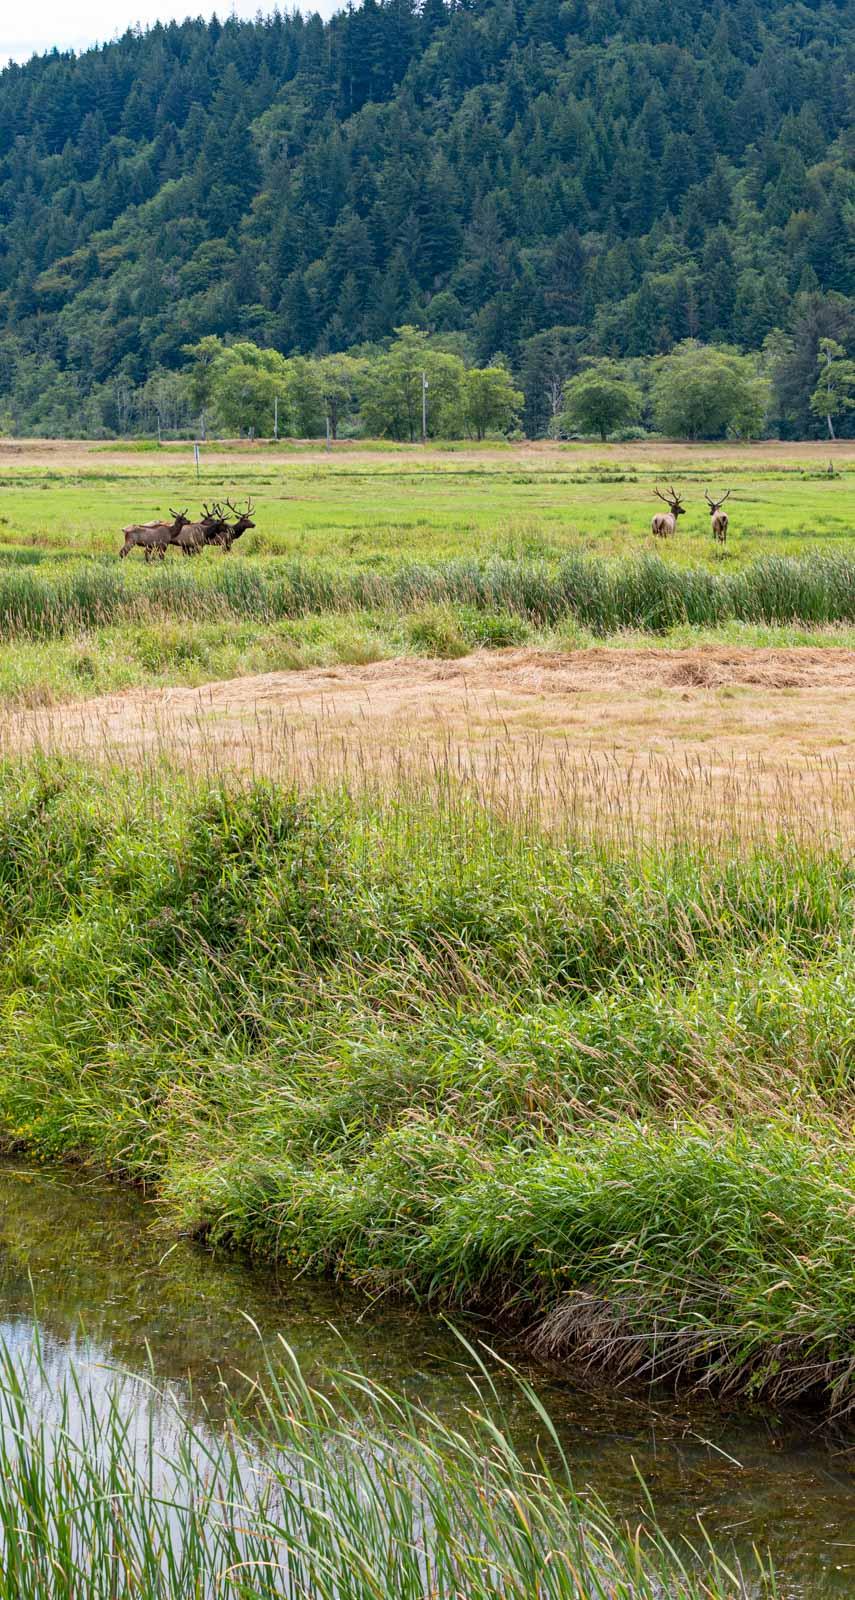 Elk along the roadside